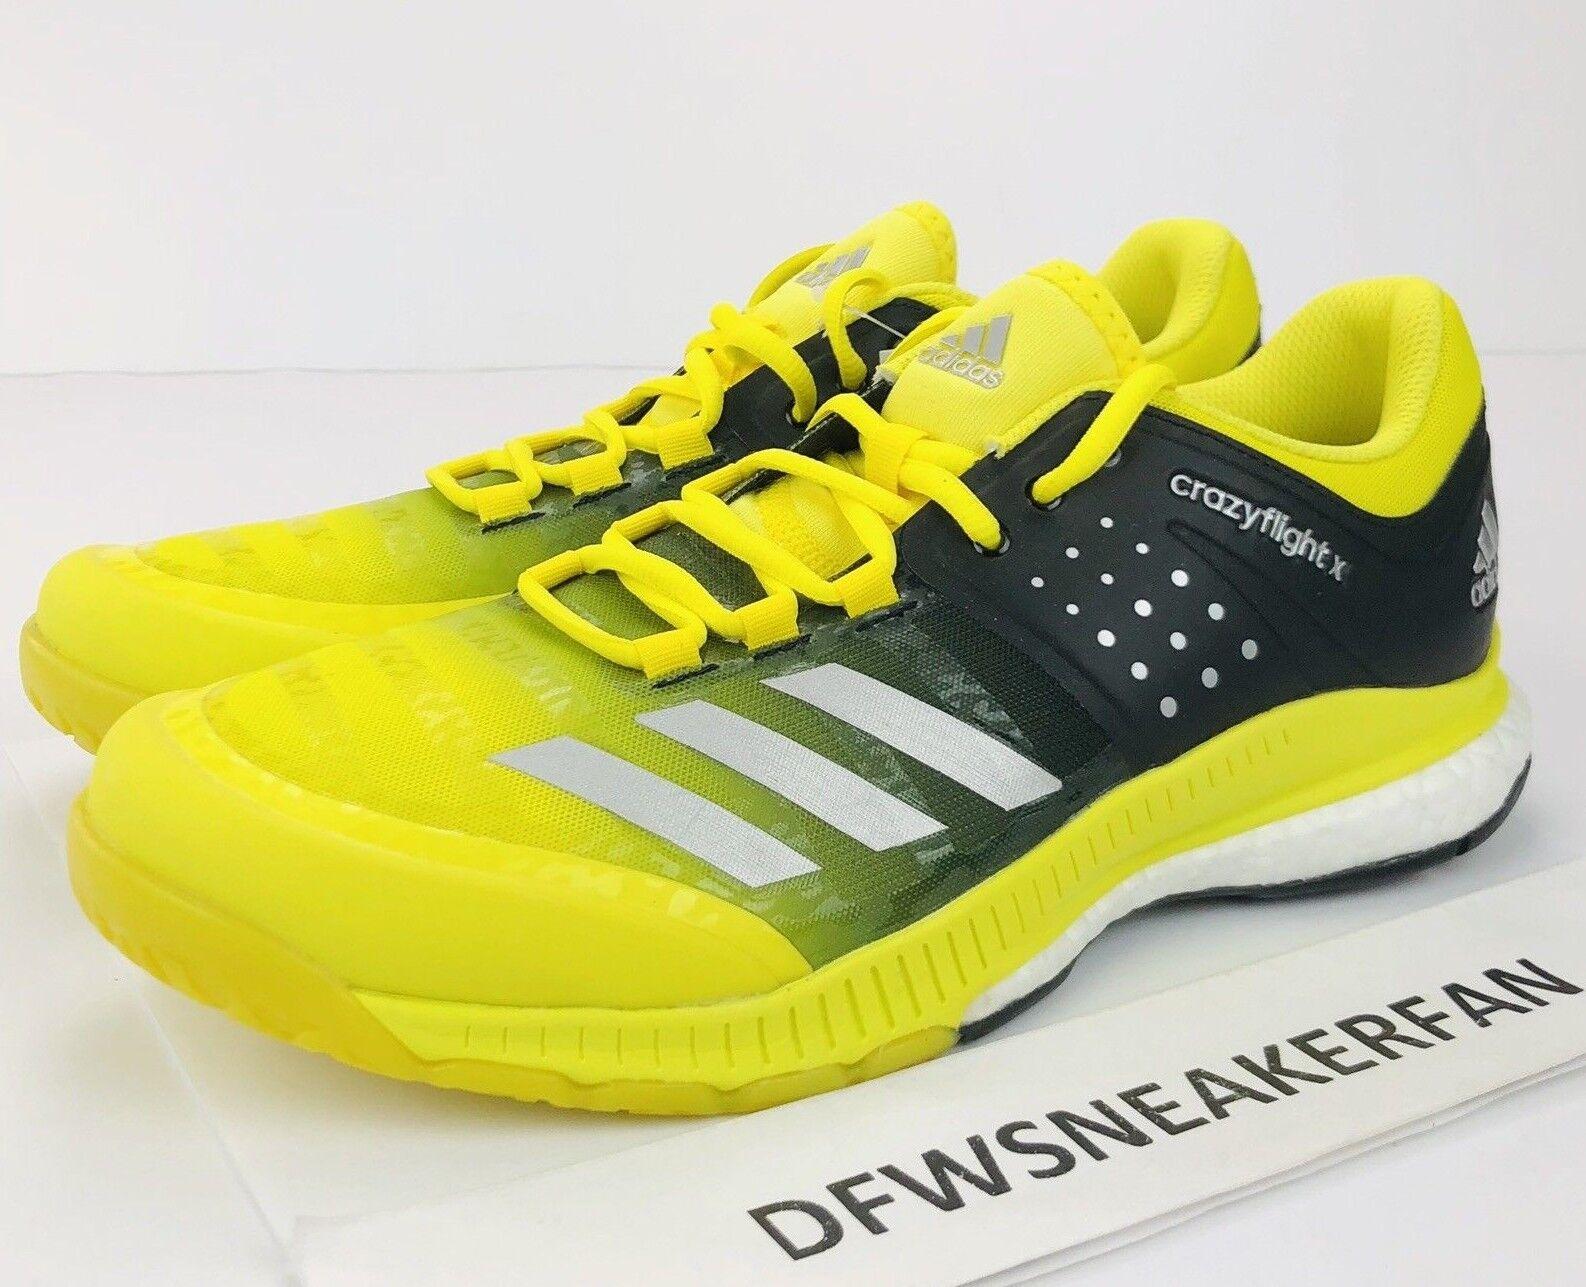 Adidas schuhe crazyflight x volleyball frauen größe 10,5  gelb / schwarz ba9267